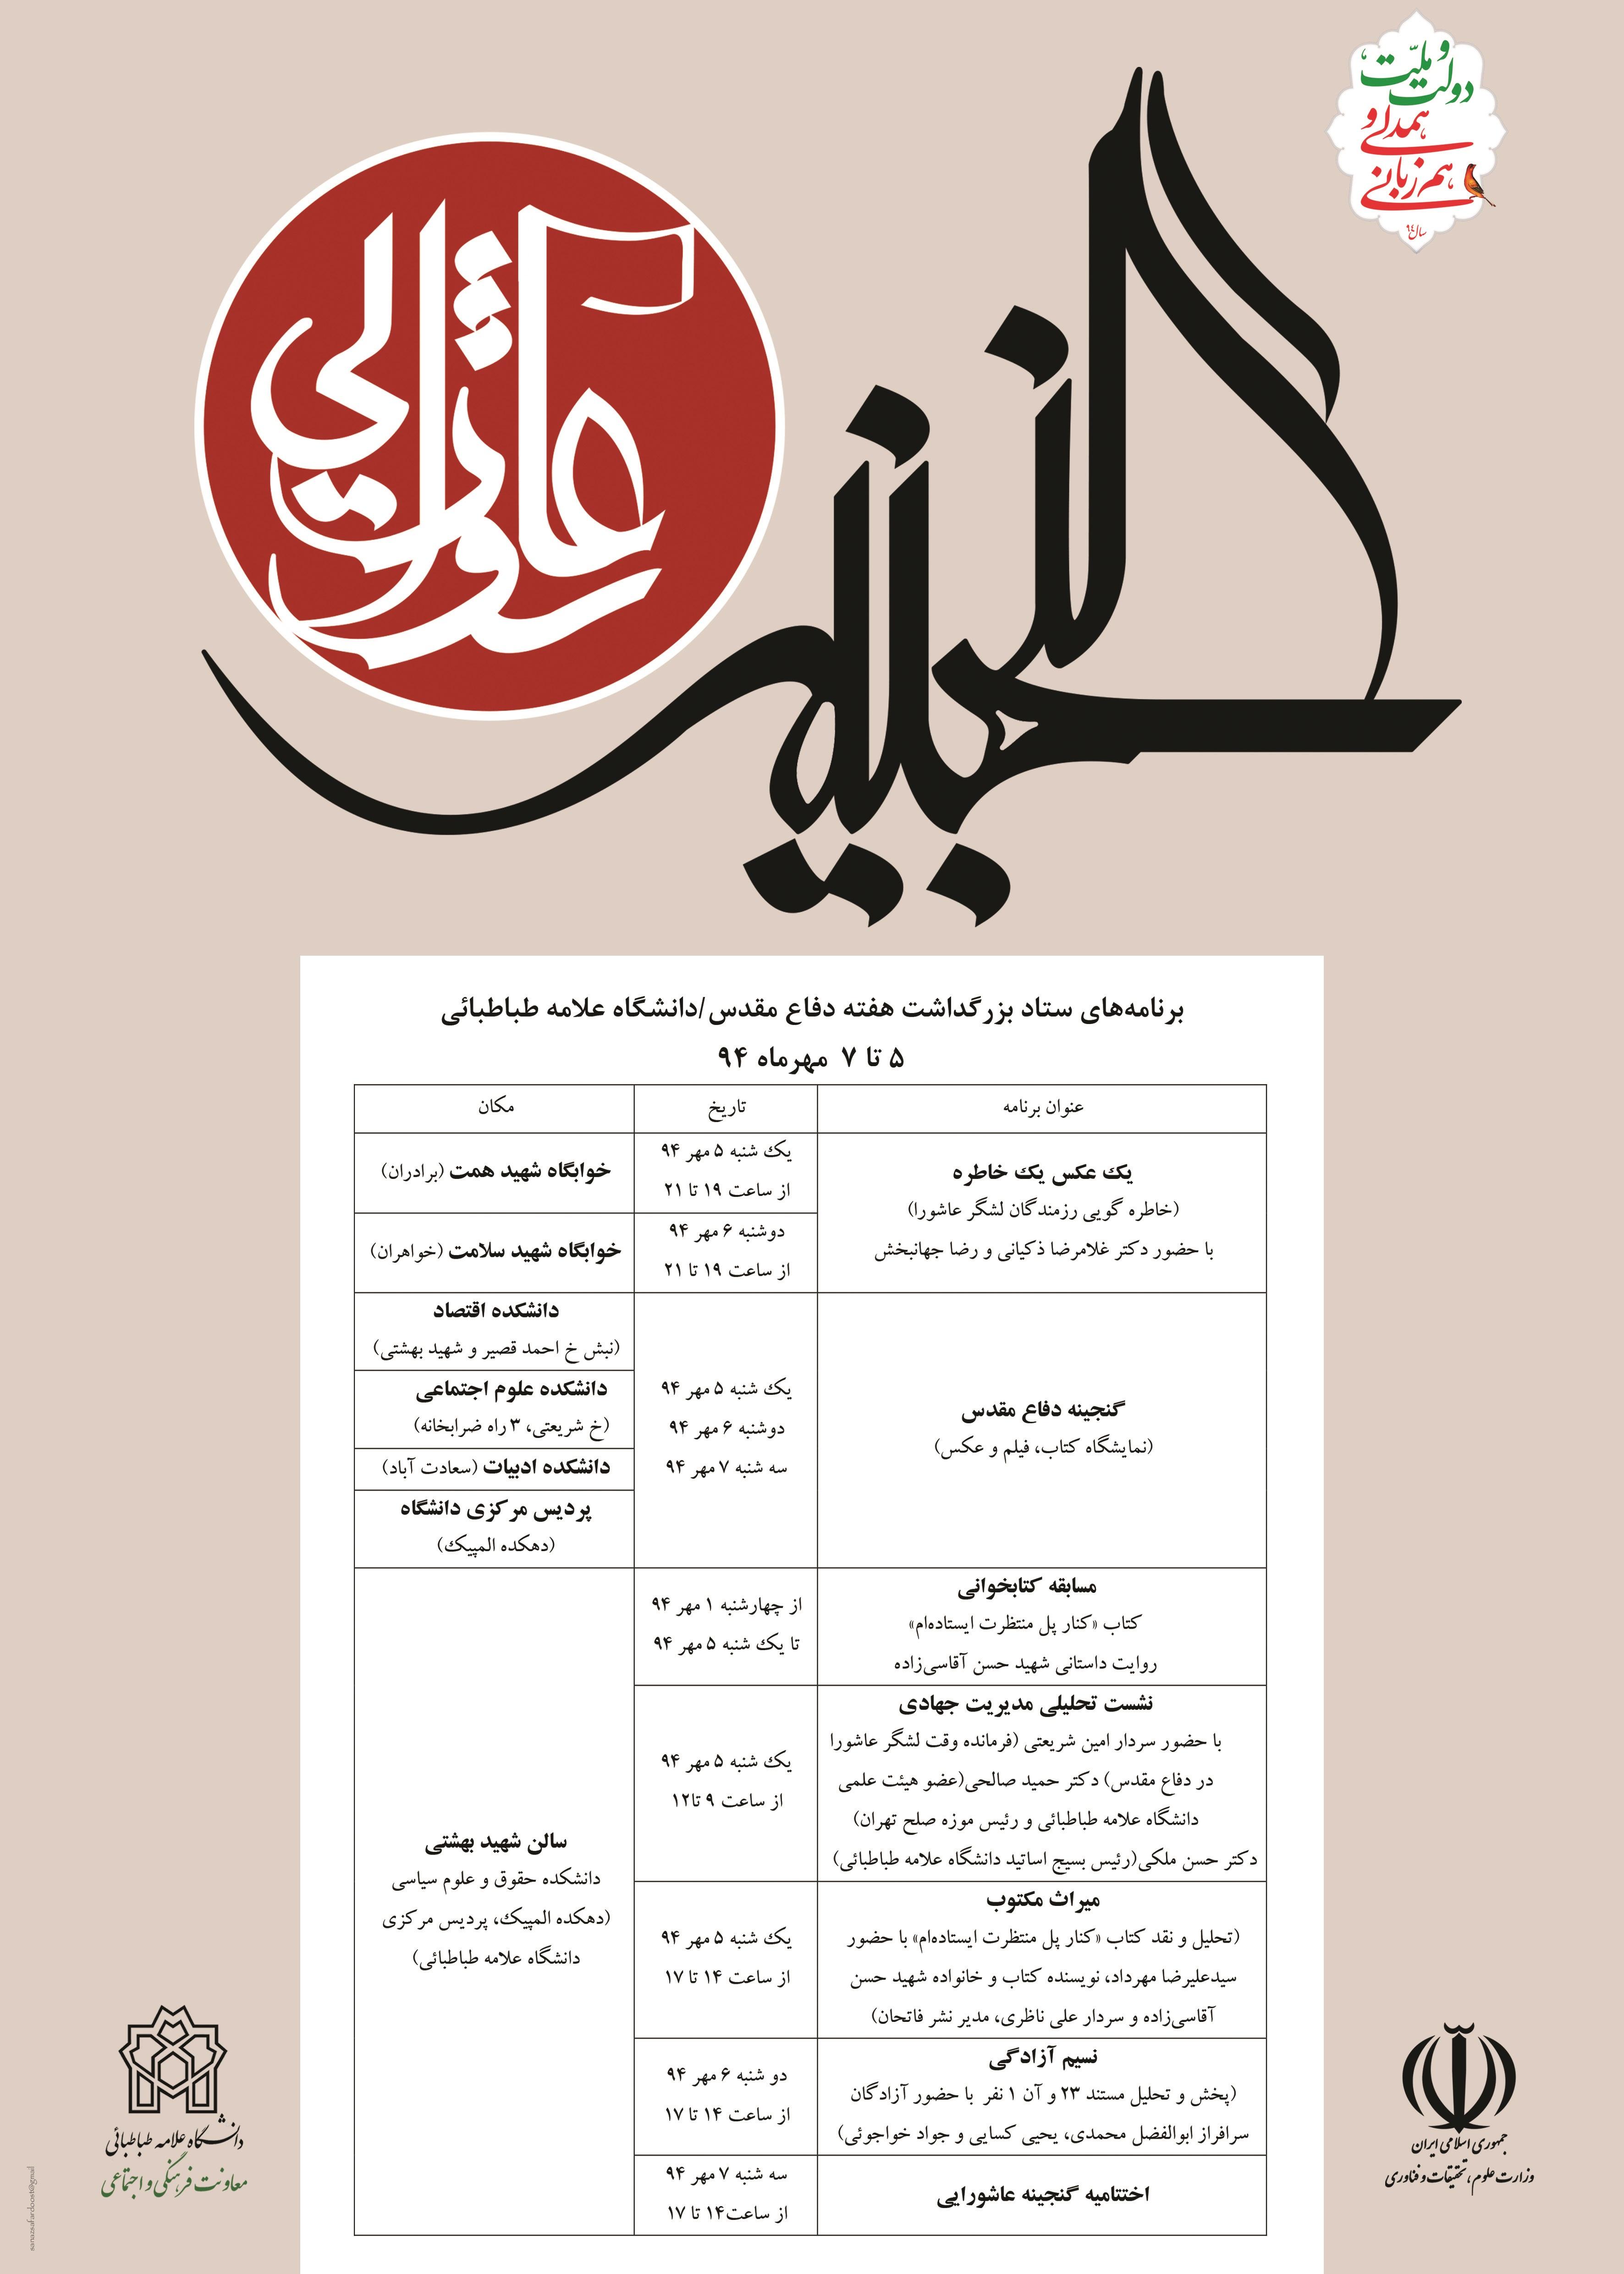 جدول/ ویژه برنامه های معاونت فرهنگی دانشگاه علامه به مناسبت هفته دفاع مقدس